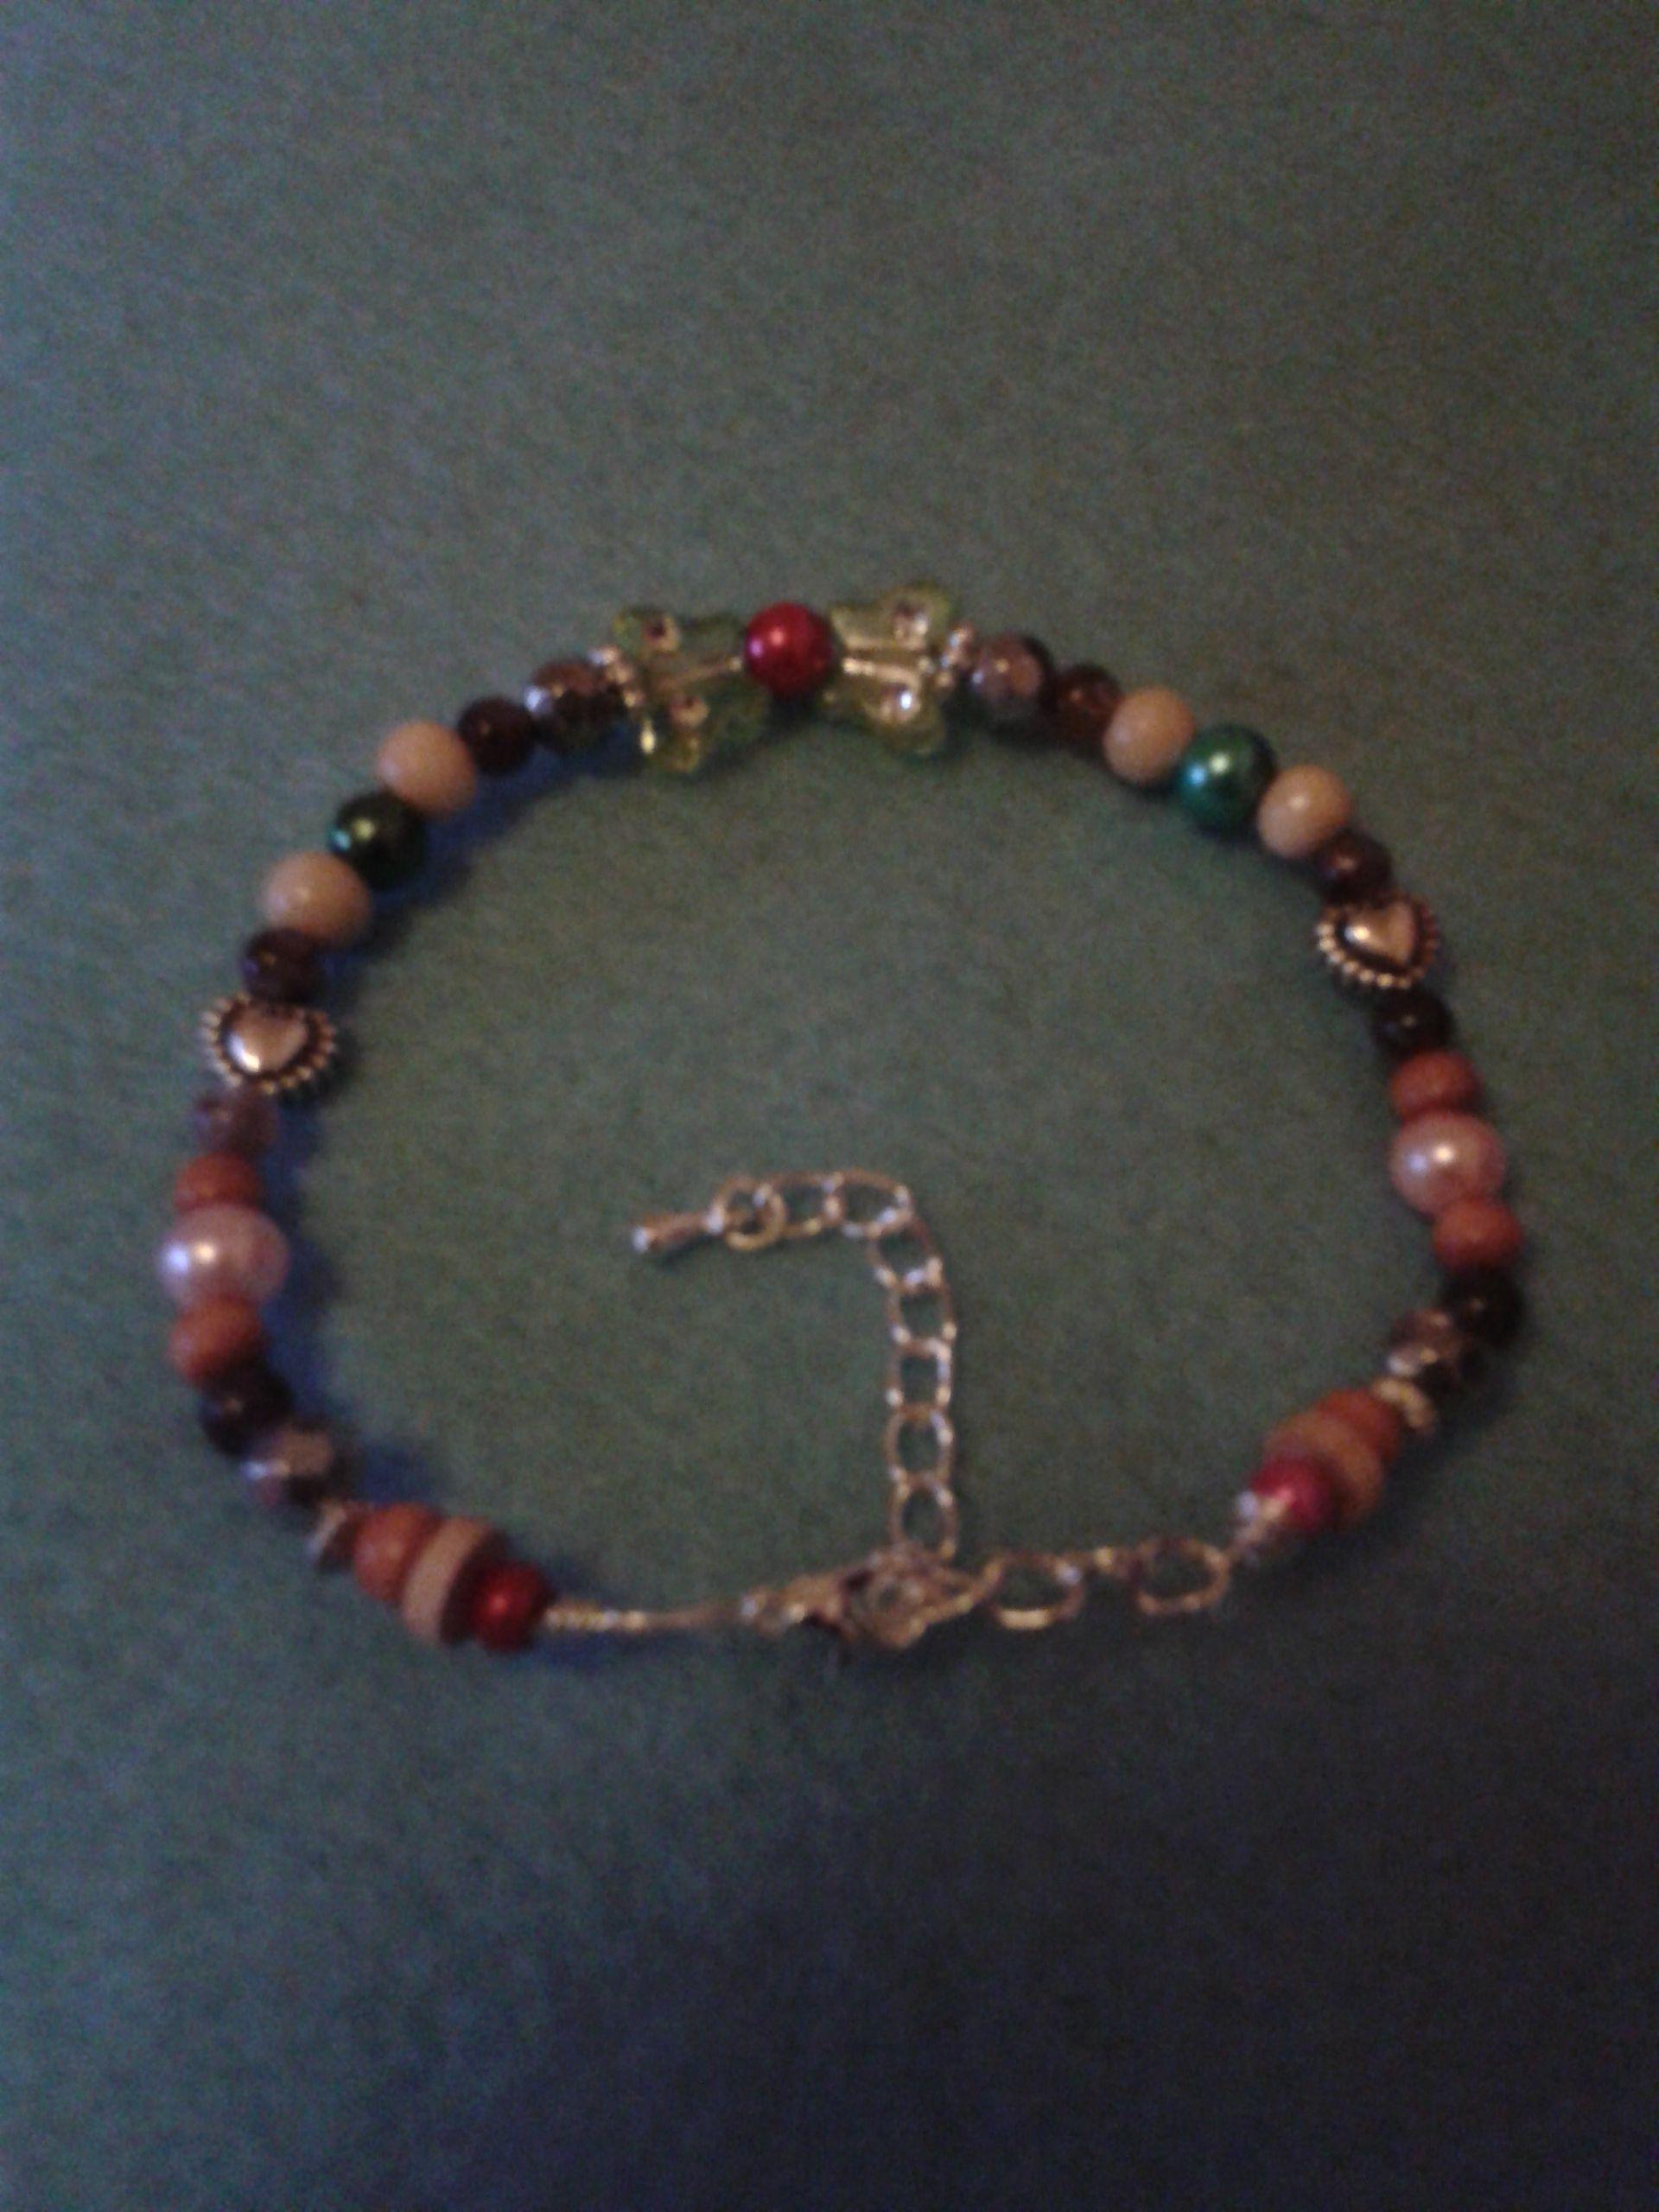 Today's bracelet